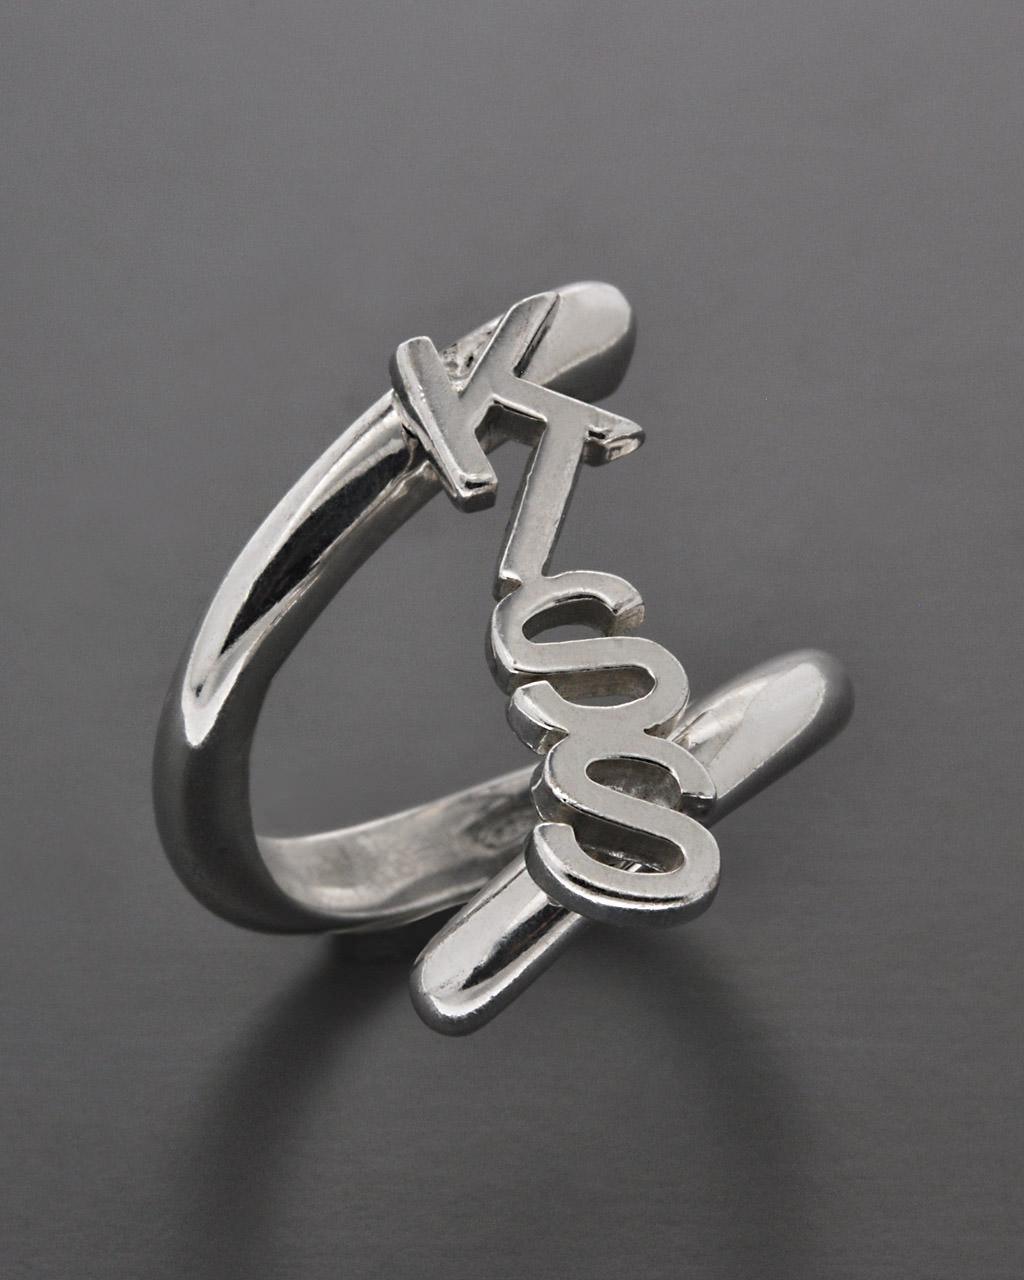 Εικόνα του προϊόντος Δαχτυλίδι kiss ασημένιο 925